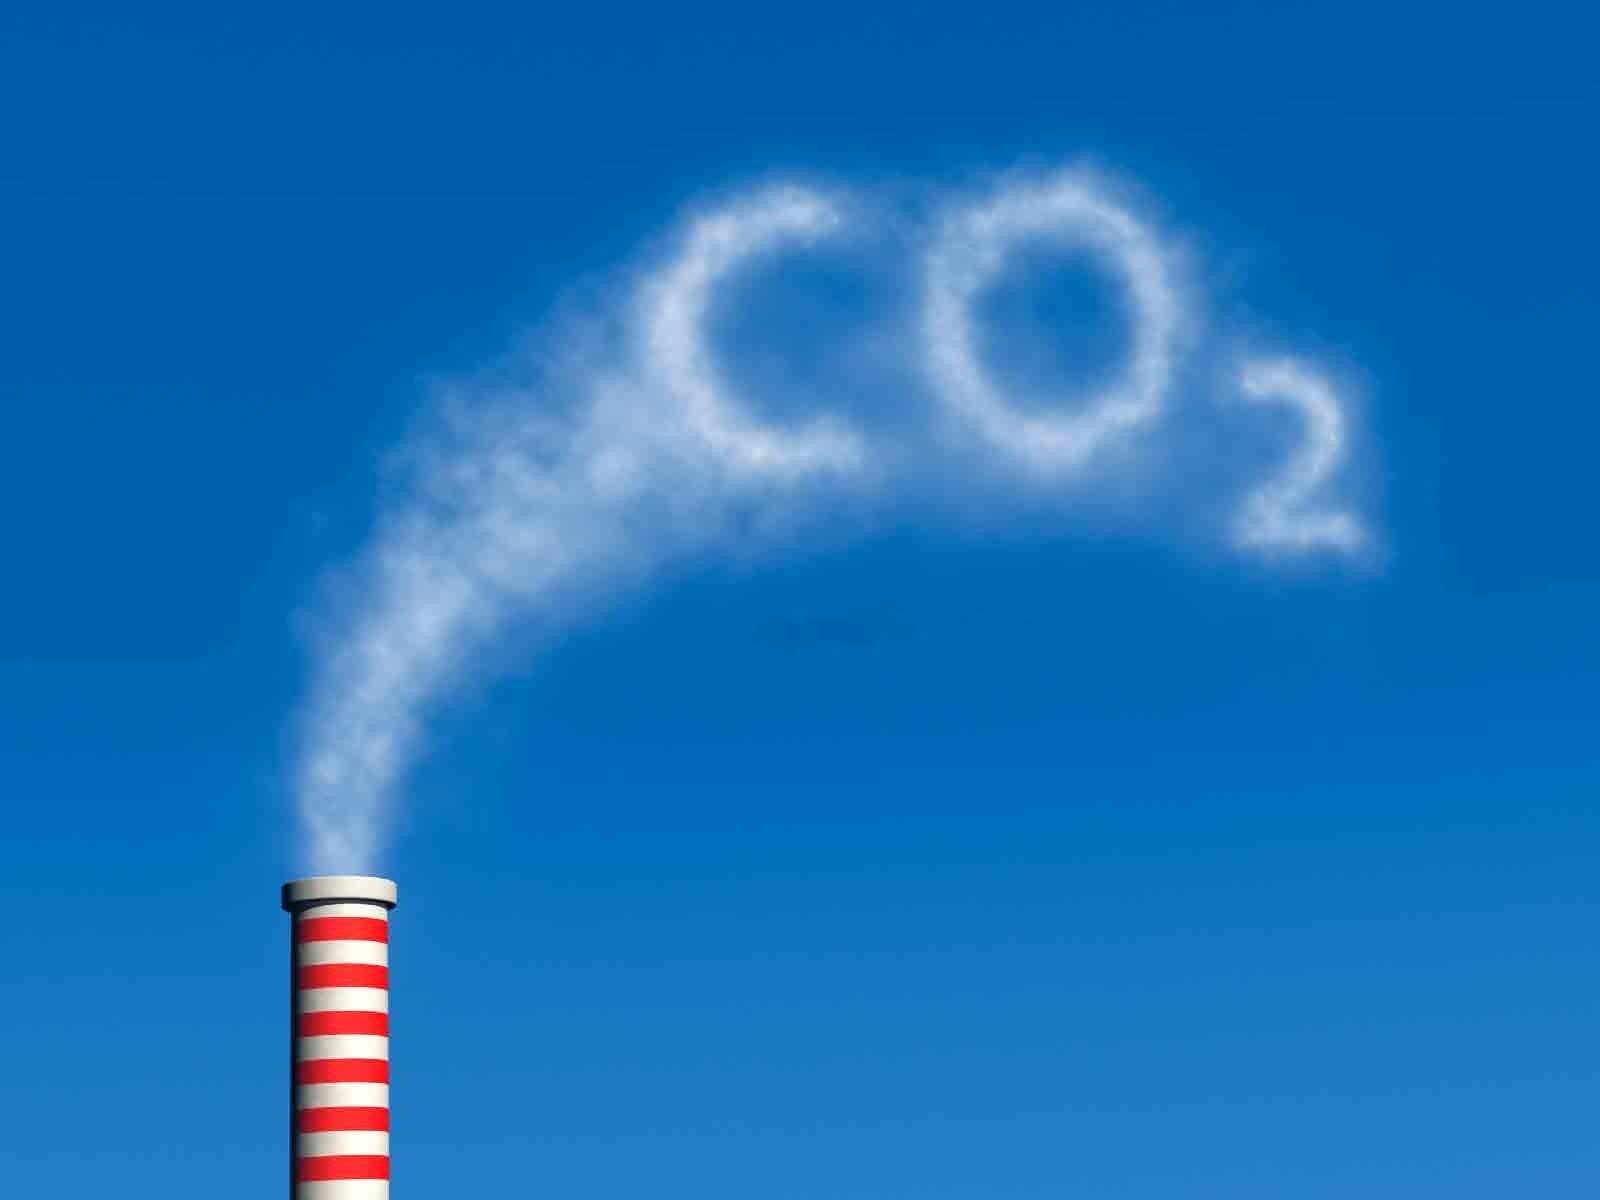 Як заробляти на утилізації викидів вуглекислого газу: канадський стартап